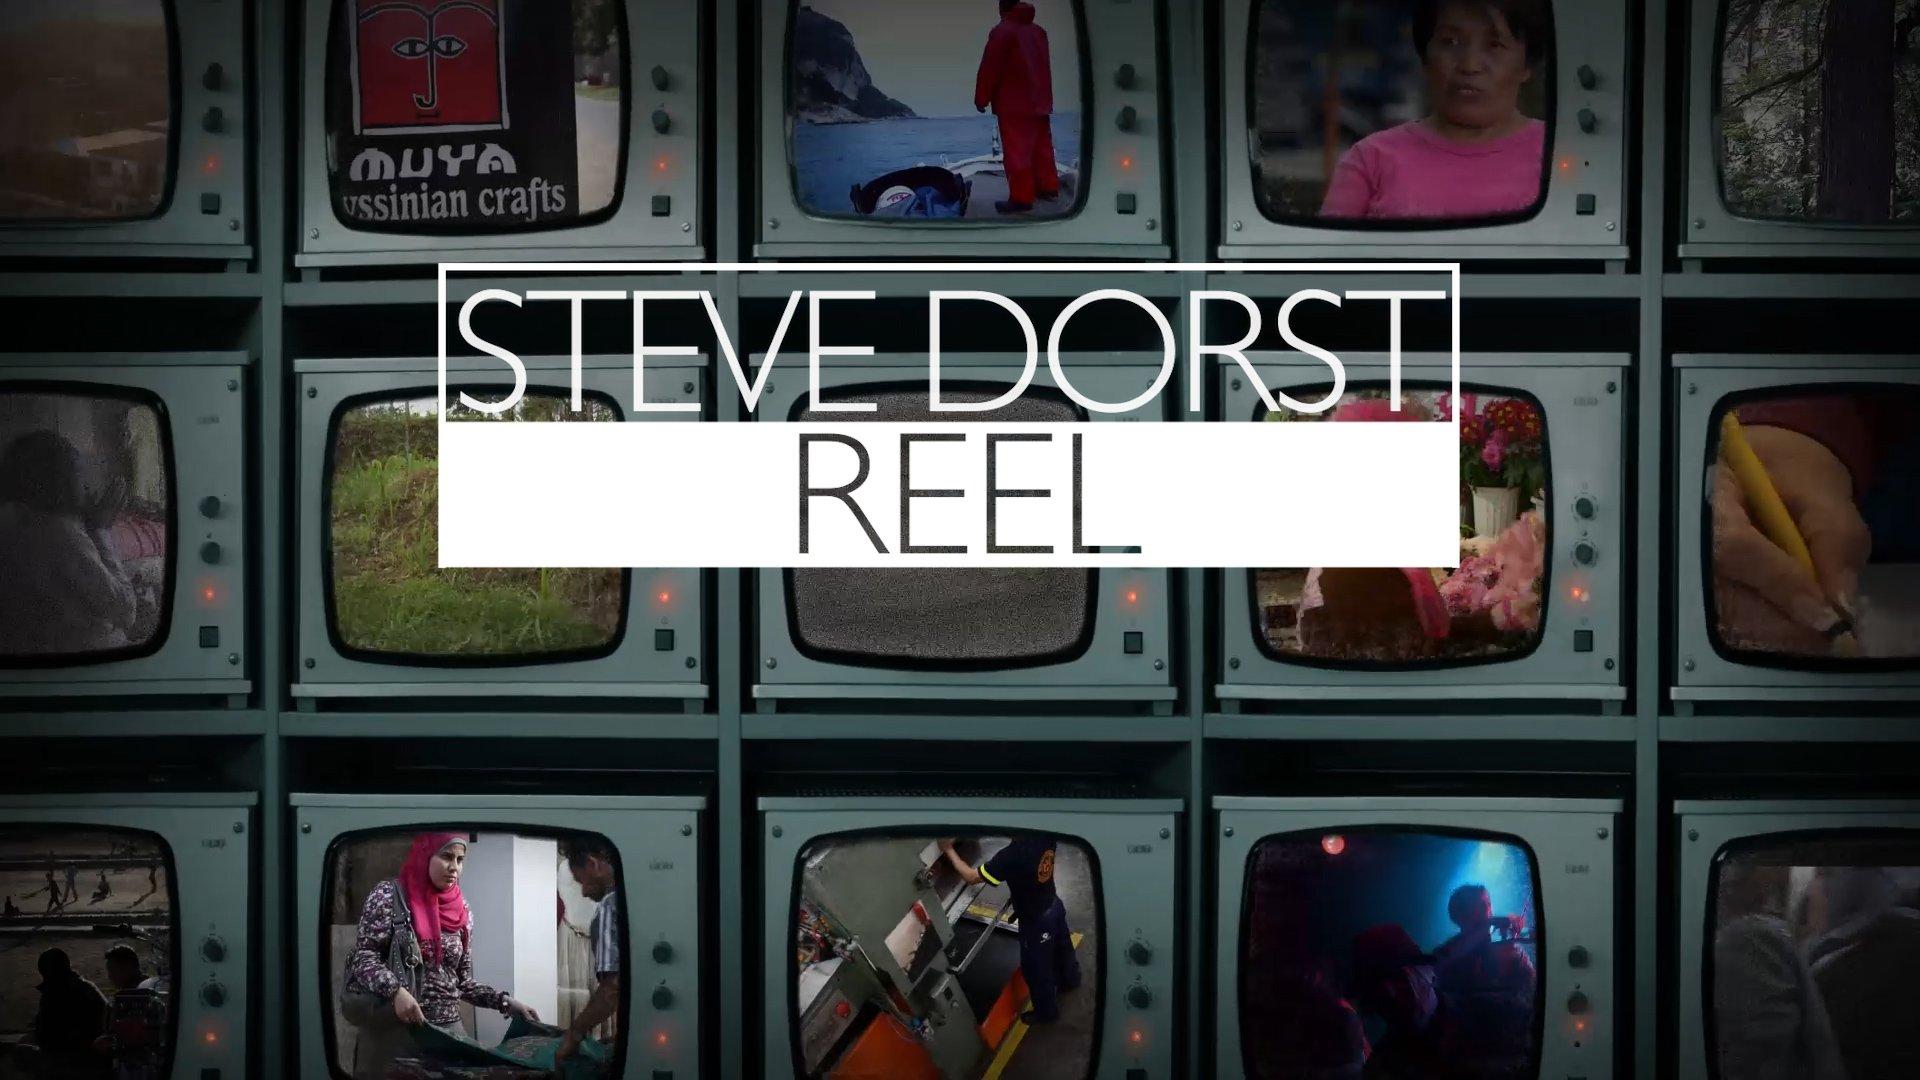 stevedorst_reel-yt-thumbnail